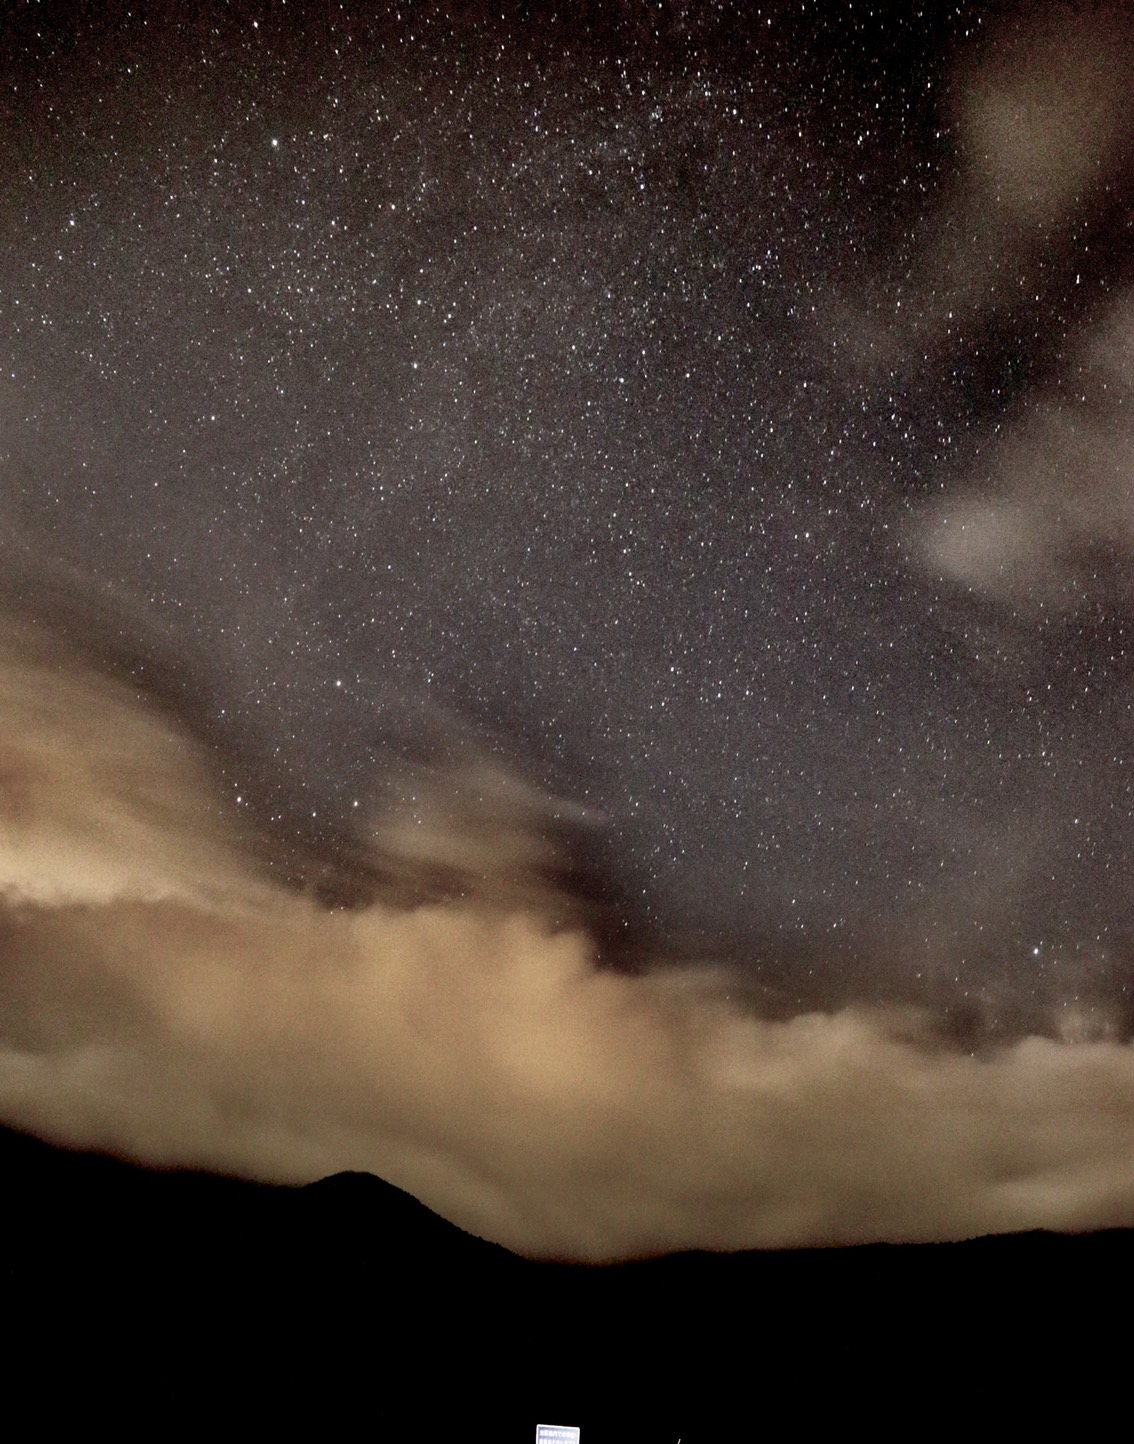 記事 朝倉には希望の星がいっぱい。のアイキャッチ画像